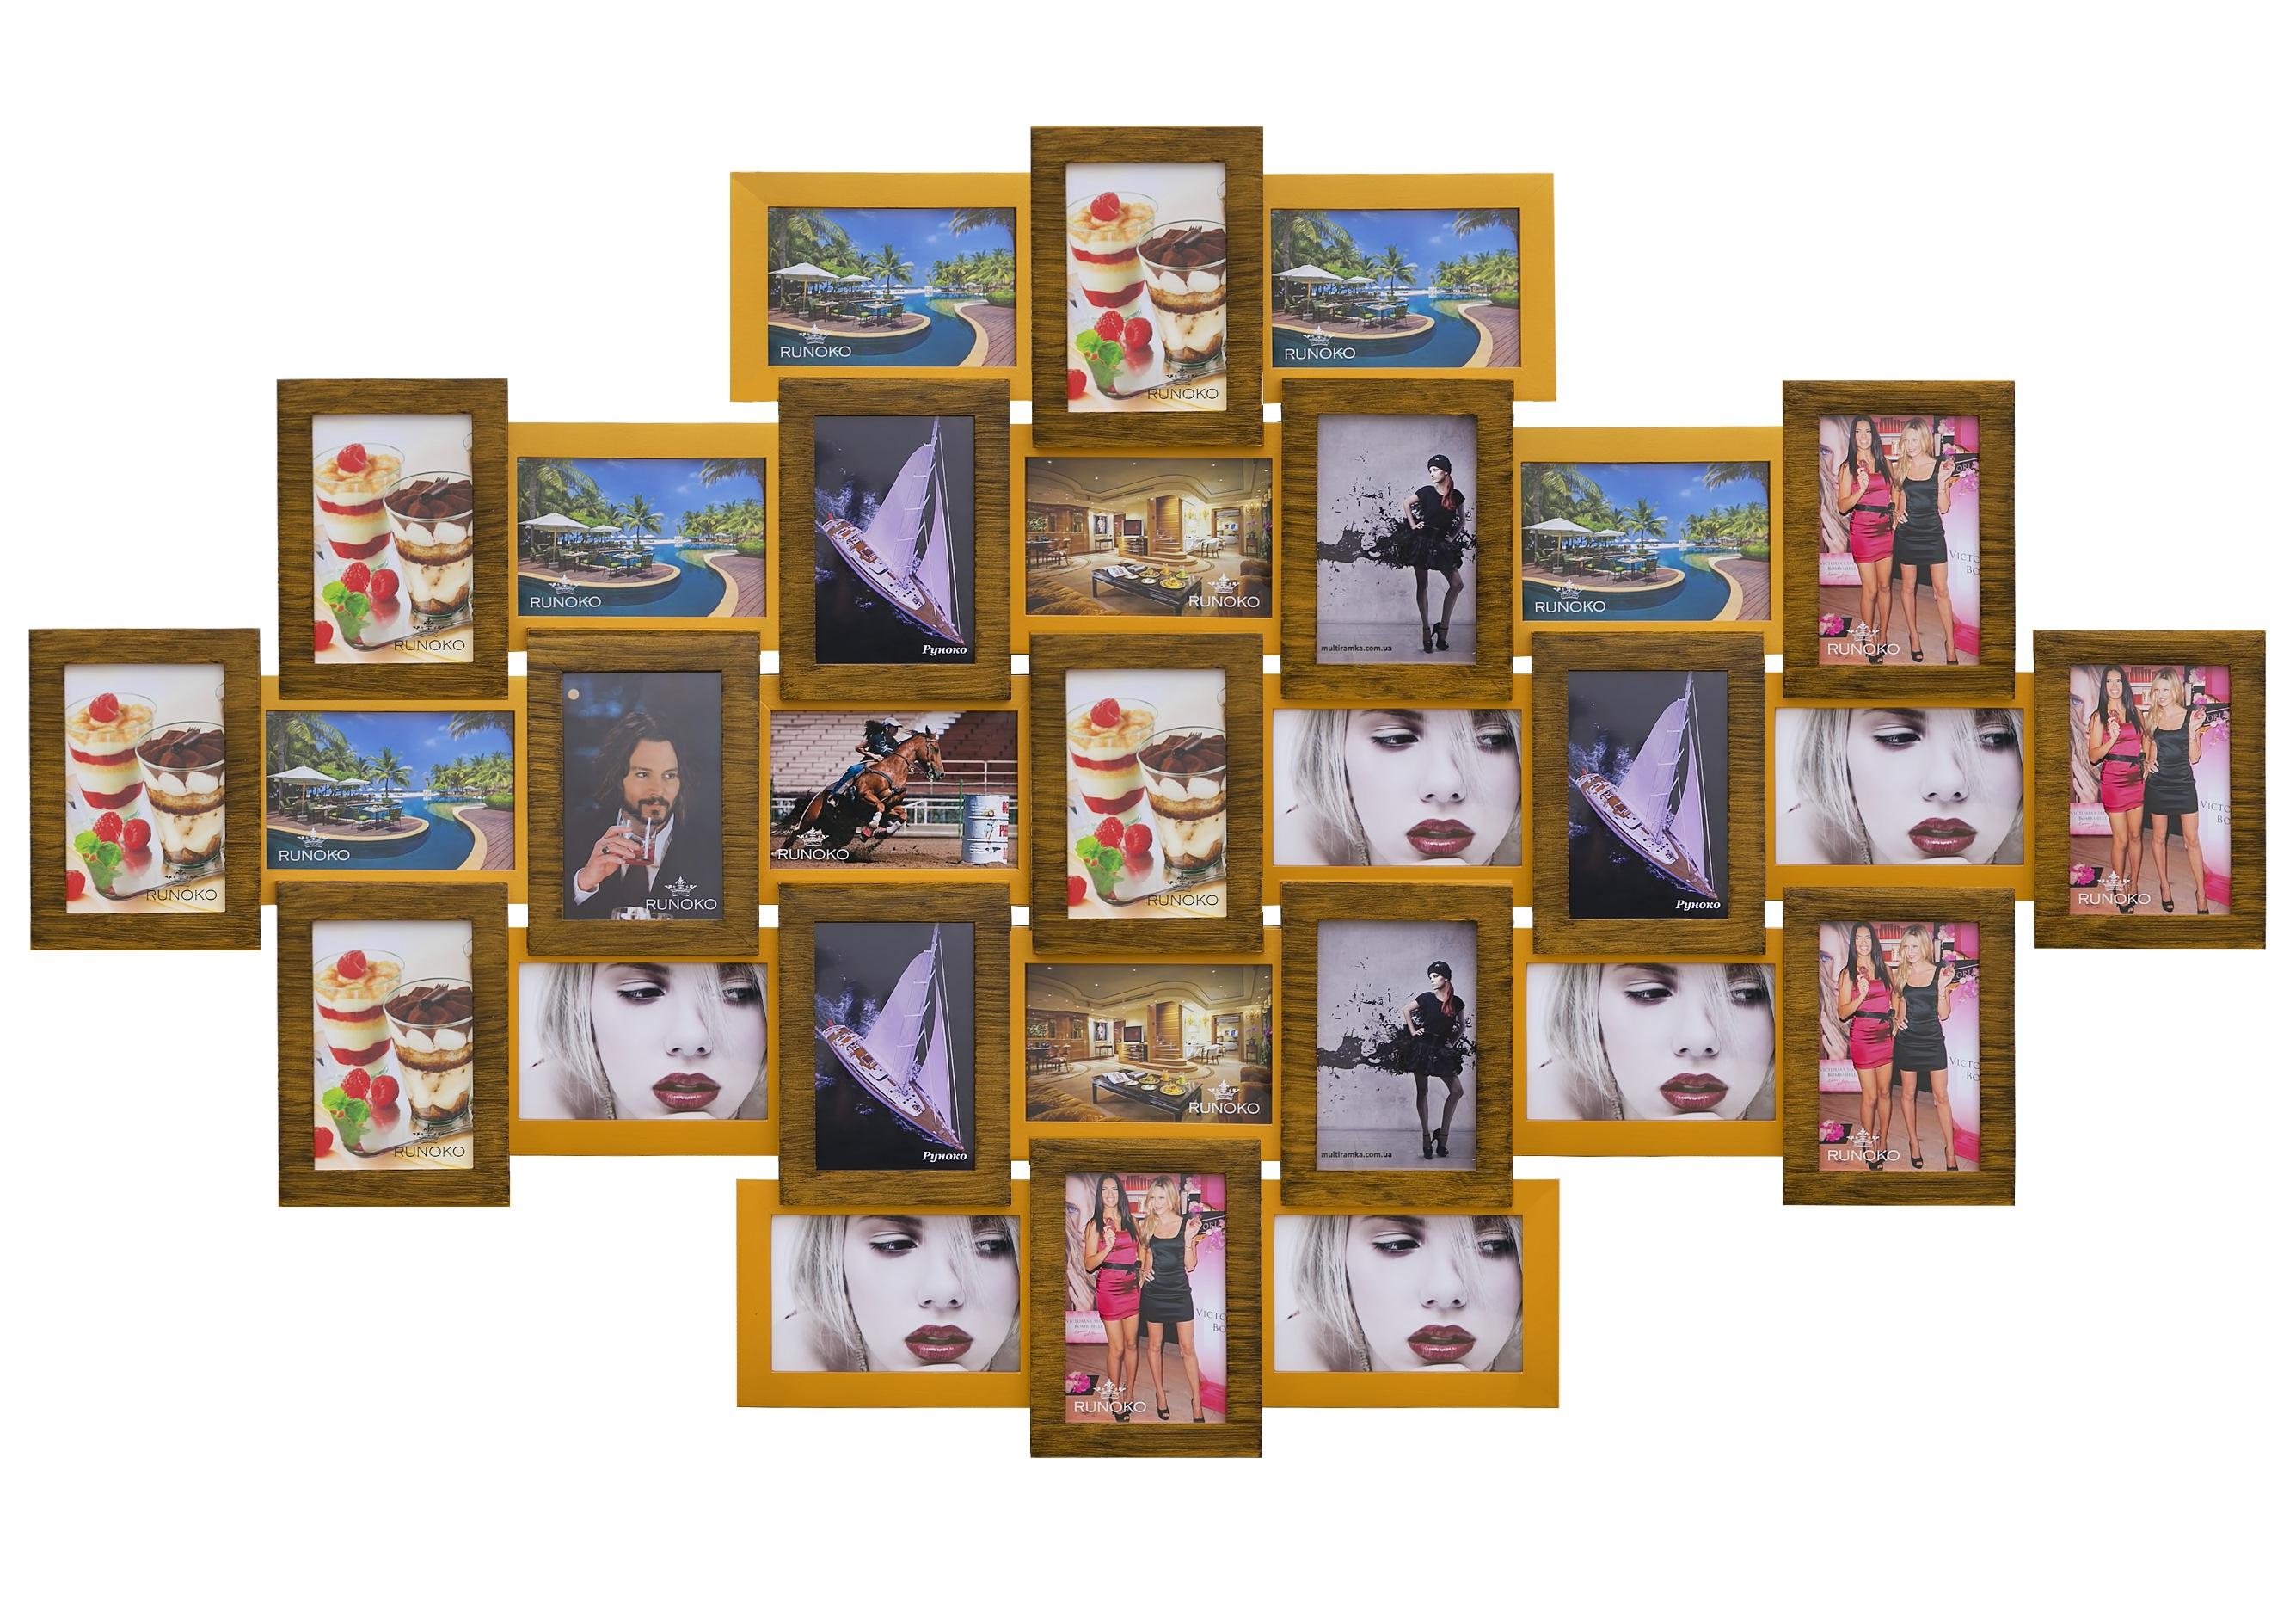 дешево рамки для фото интернет магазин Киев